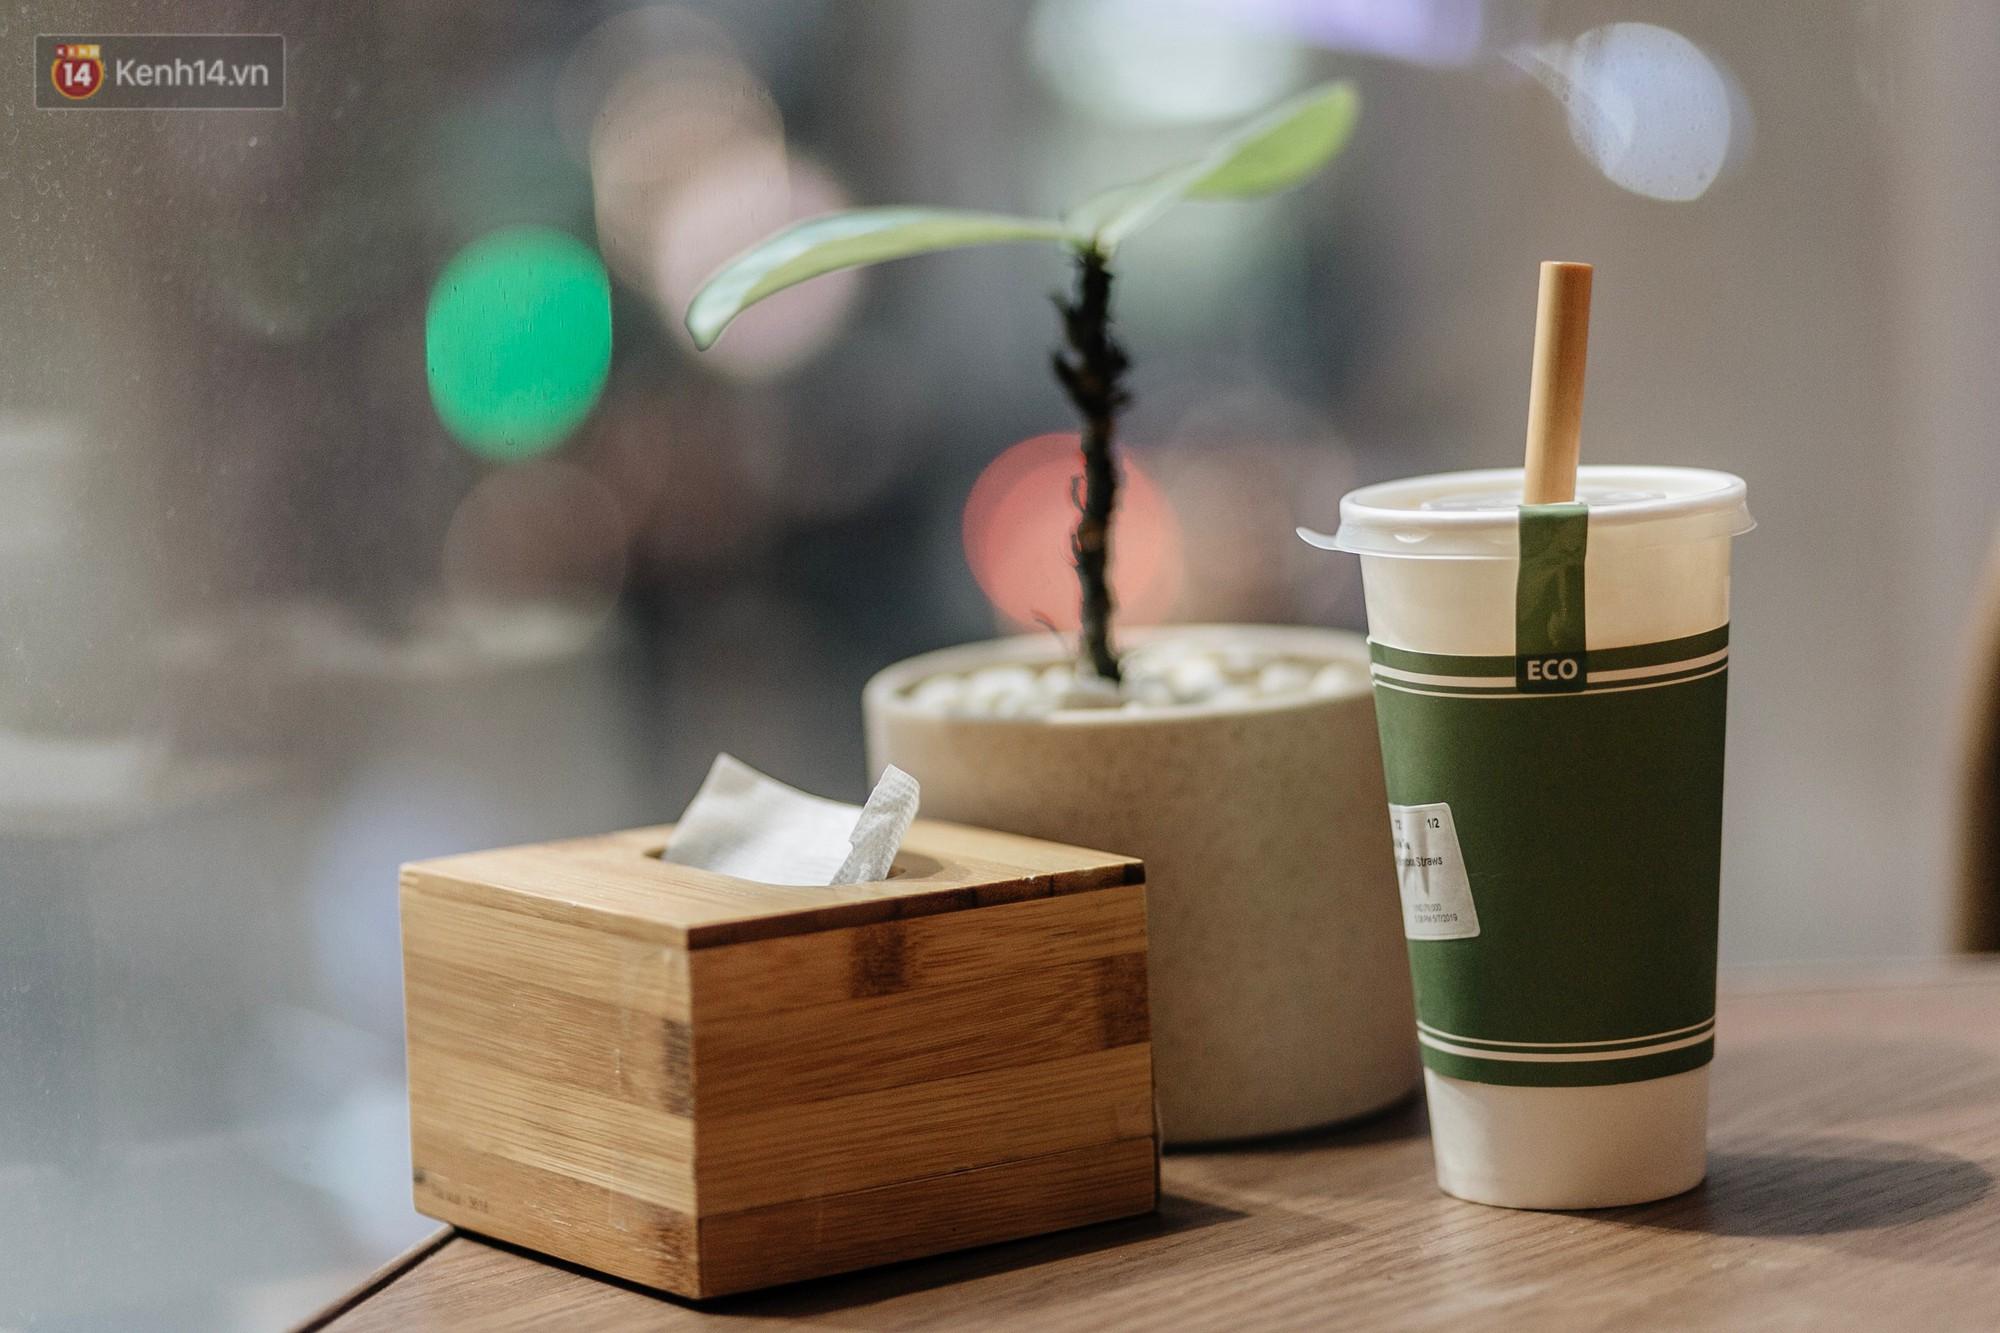 Dùng cốc giấy nhưng đậy bằng nắp nhựa, quán trà Hà Nội vẫn chiếm cảm tình khách hàng vì lời nhắn: Xin lỗi vì chúng tôi chưa tìm ra giải pháp... - Ảnh 1.